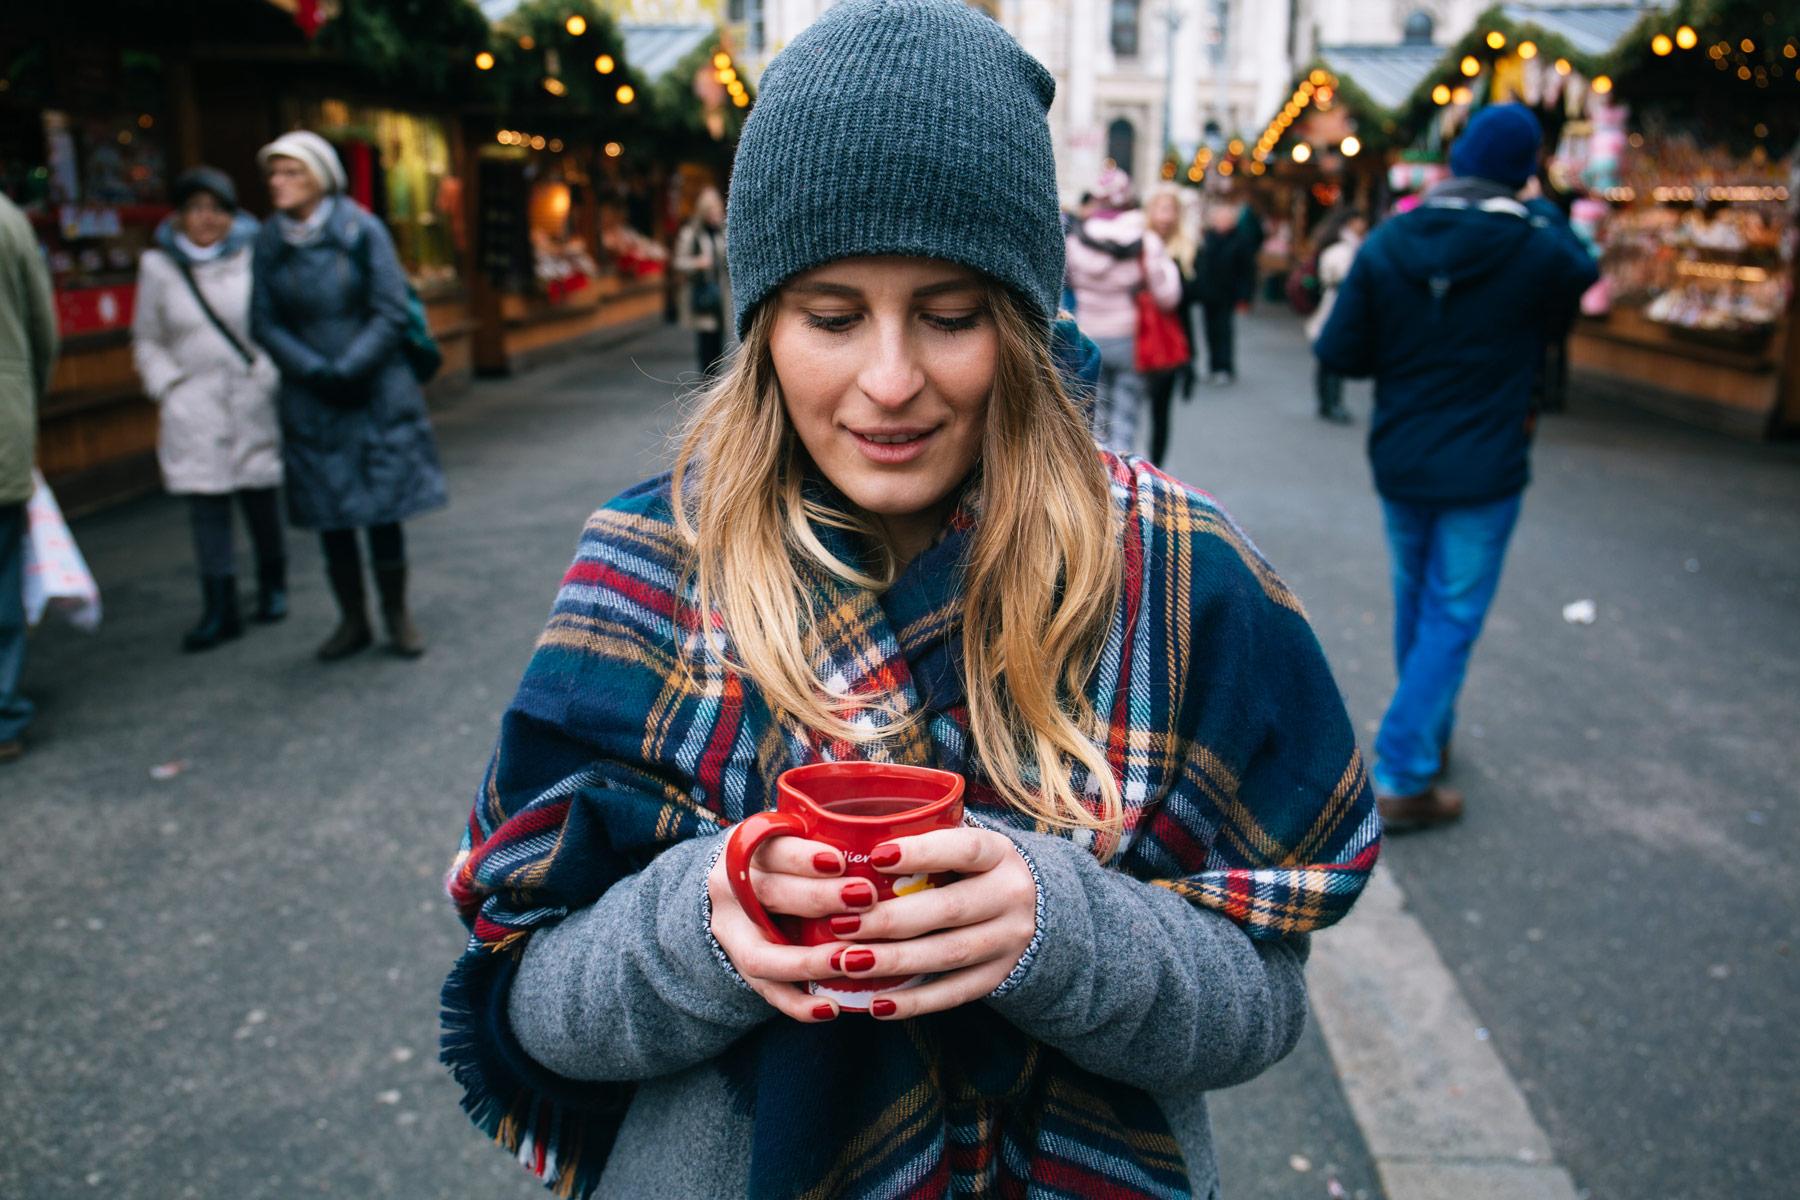 Ausztria 2020 - Heindl csokigyár látogatás és szab - Bécs, Szállás nélkül